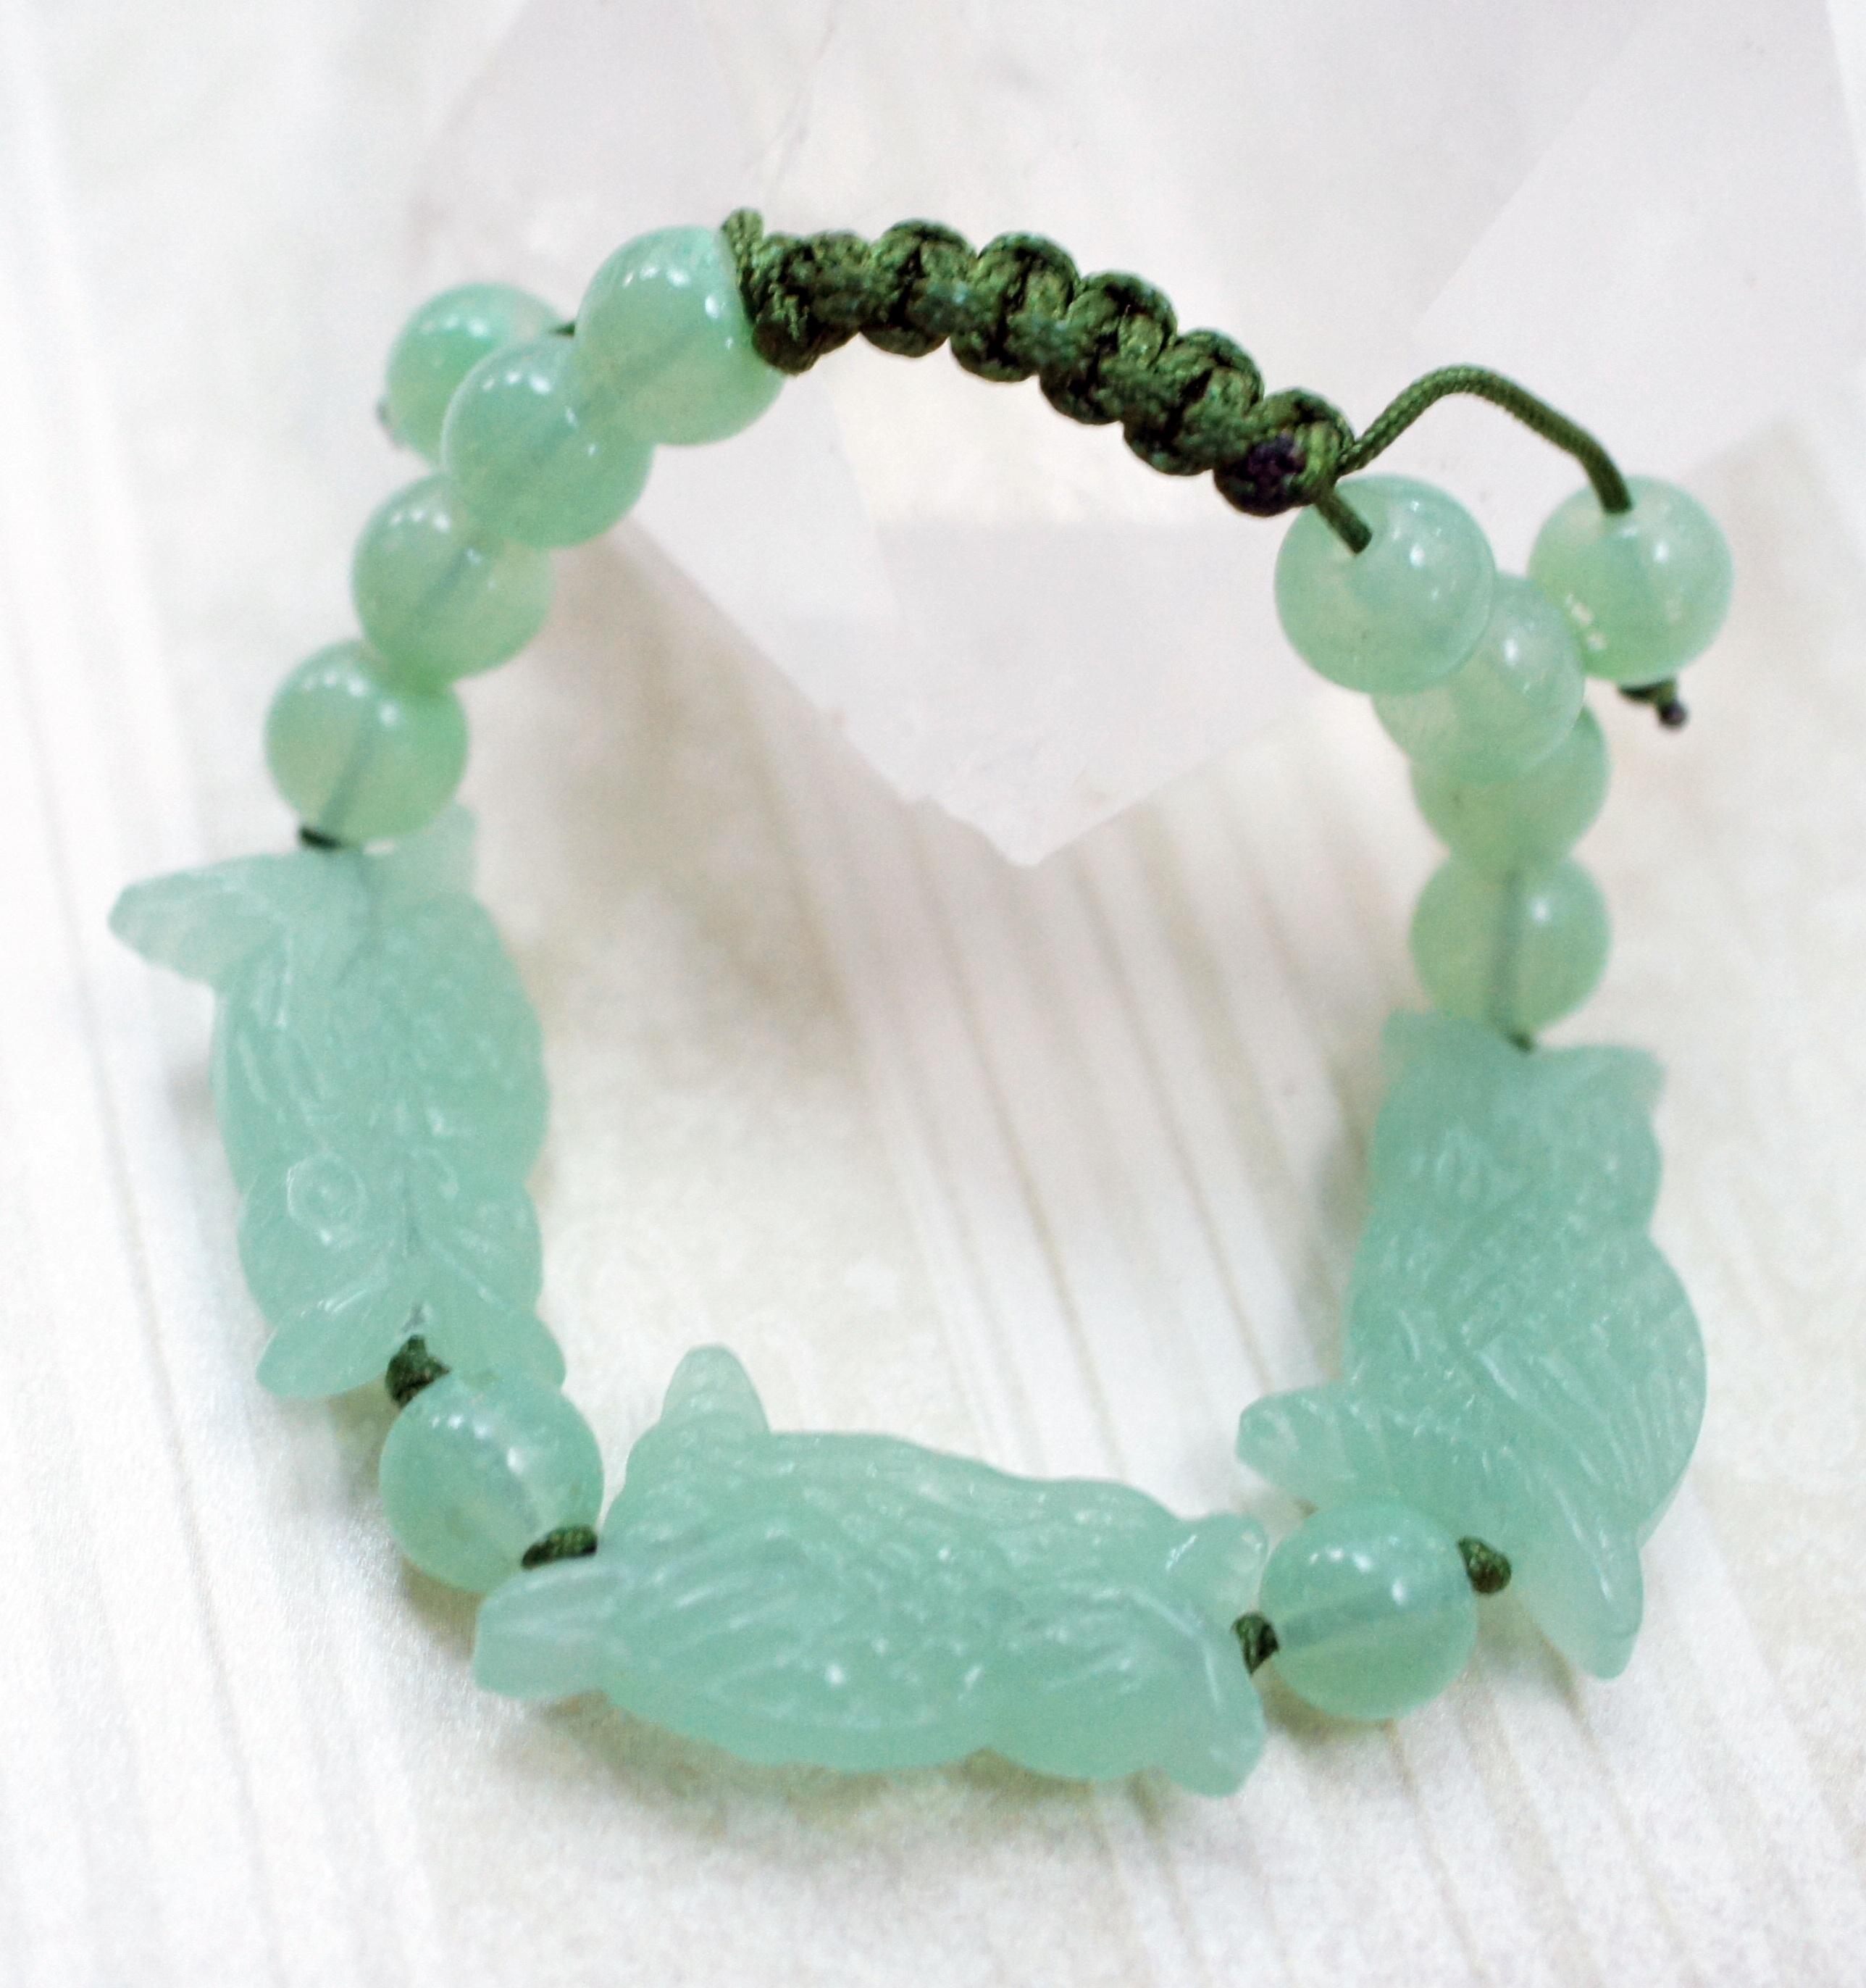 Fotos gratis regalo verde natural moda b ho joyer a for Piedra preciosa turquesa